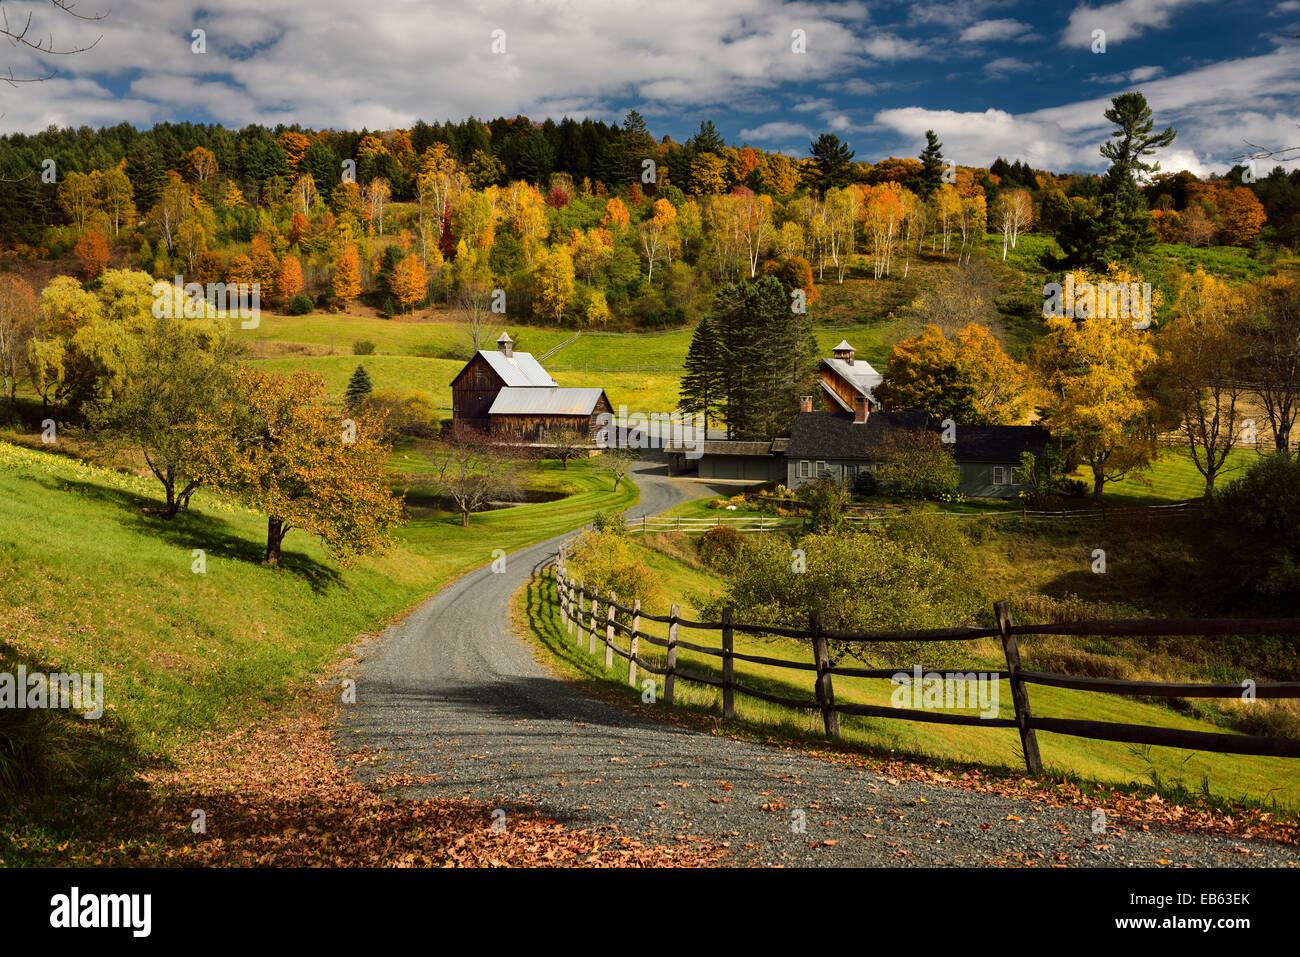 Brillantes hojas caer alrededor de Sleepy Hollow farm en Woodstock road cloudland vermont ee.uu. Imagen De Stock